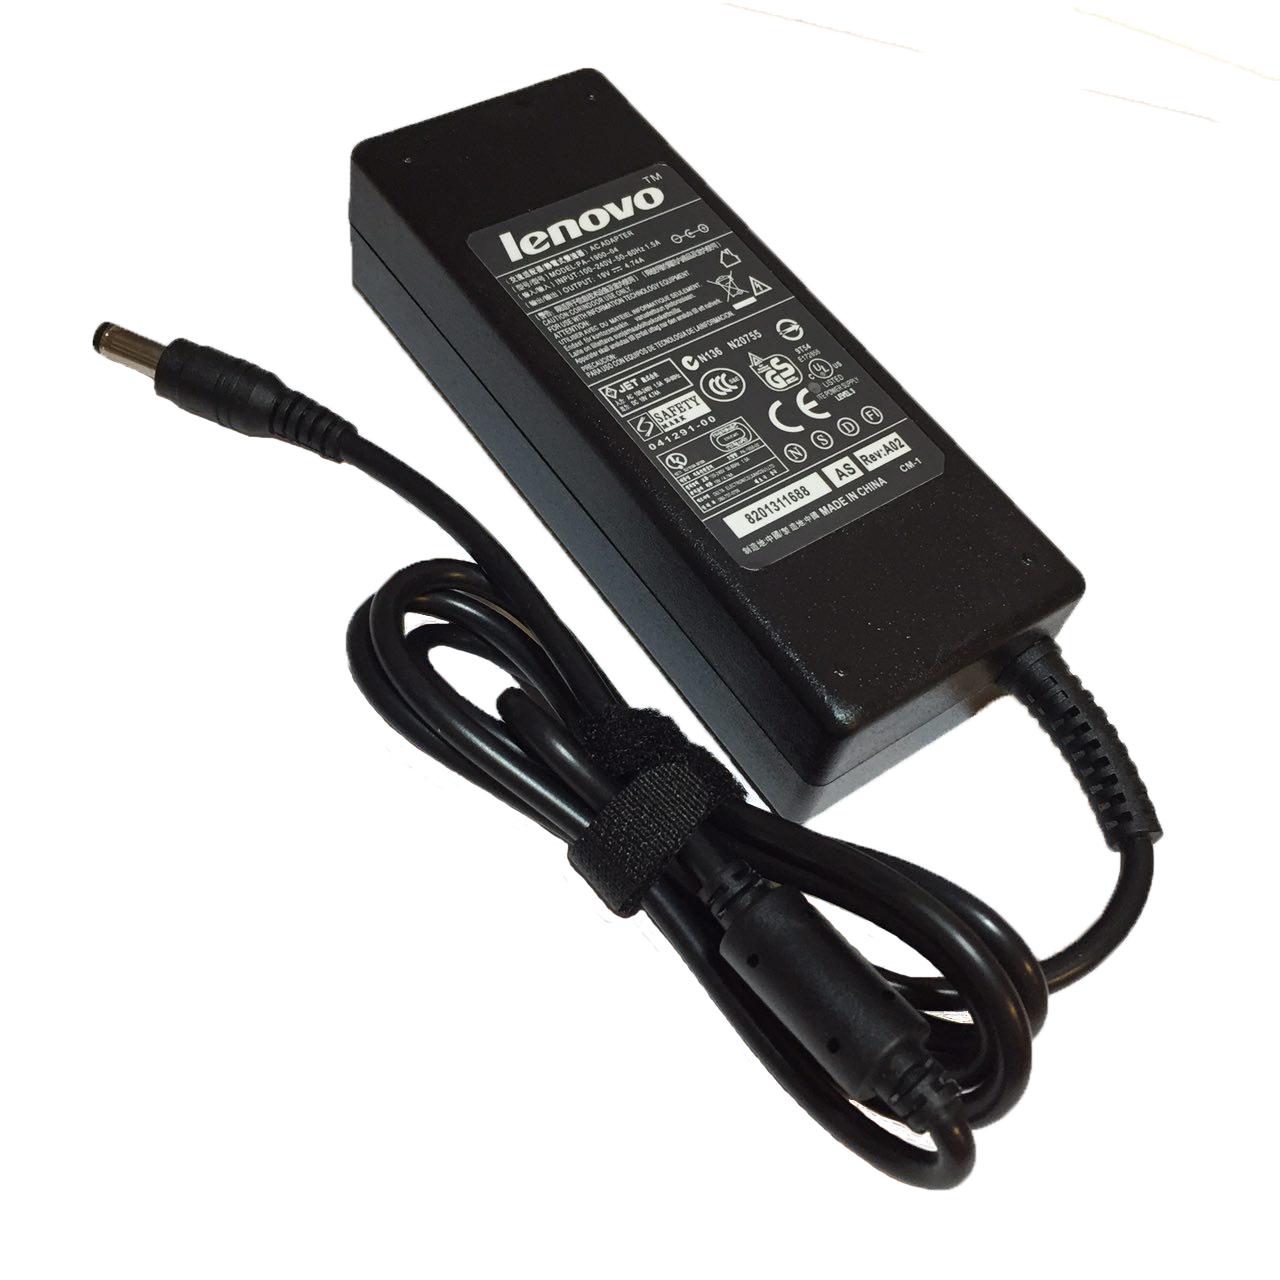 بررسی و {خرید با تخفیف}                                     شارژر لپ تاپ 19 ولت 4.74 آمپر مدل PA-1900-04                     غیر اصلاصل